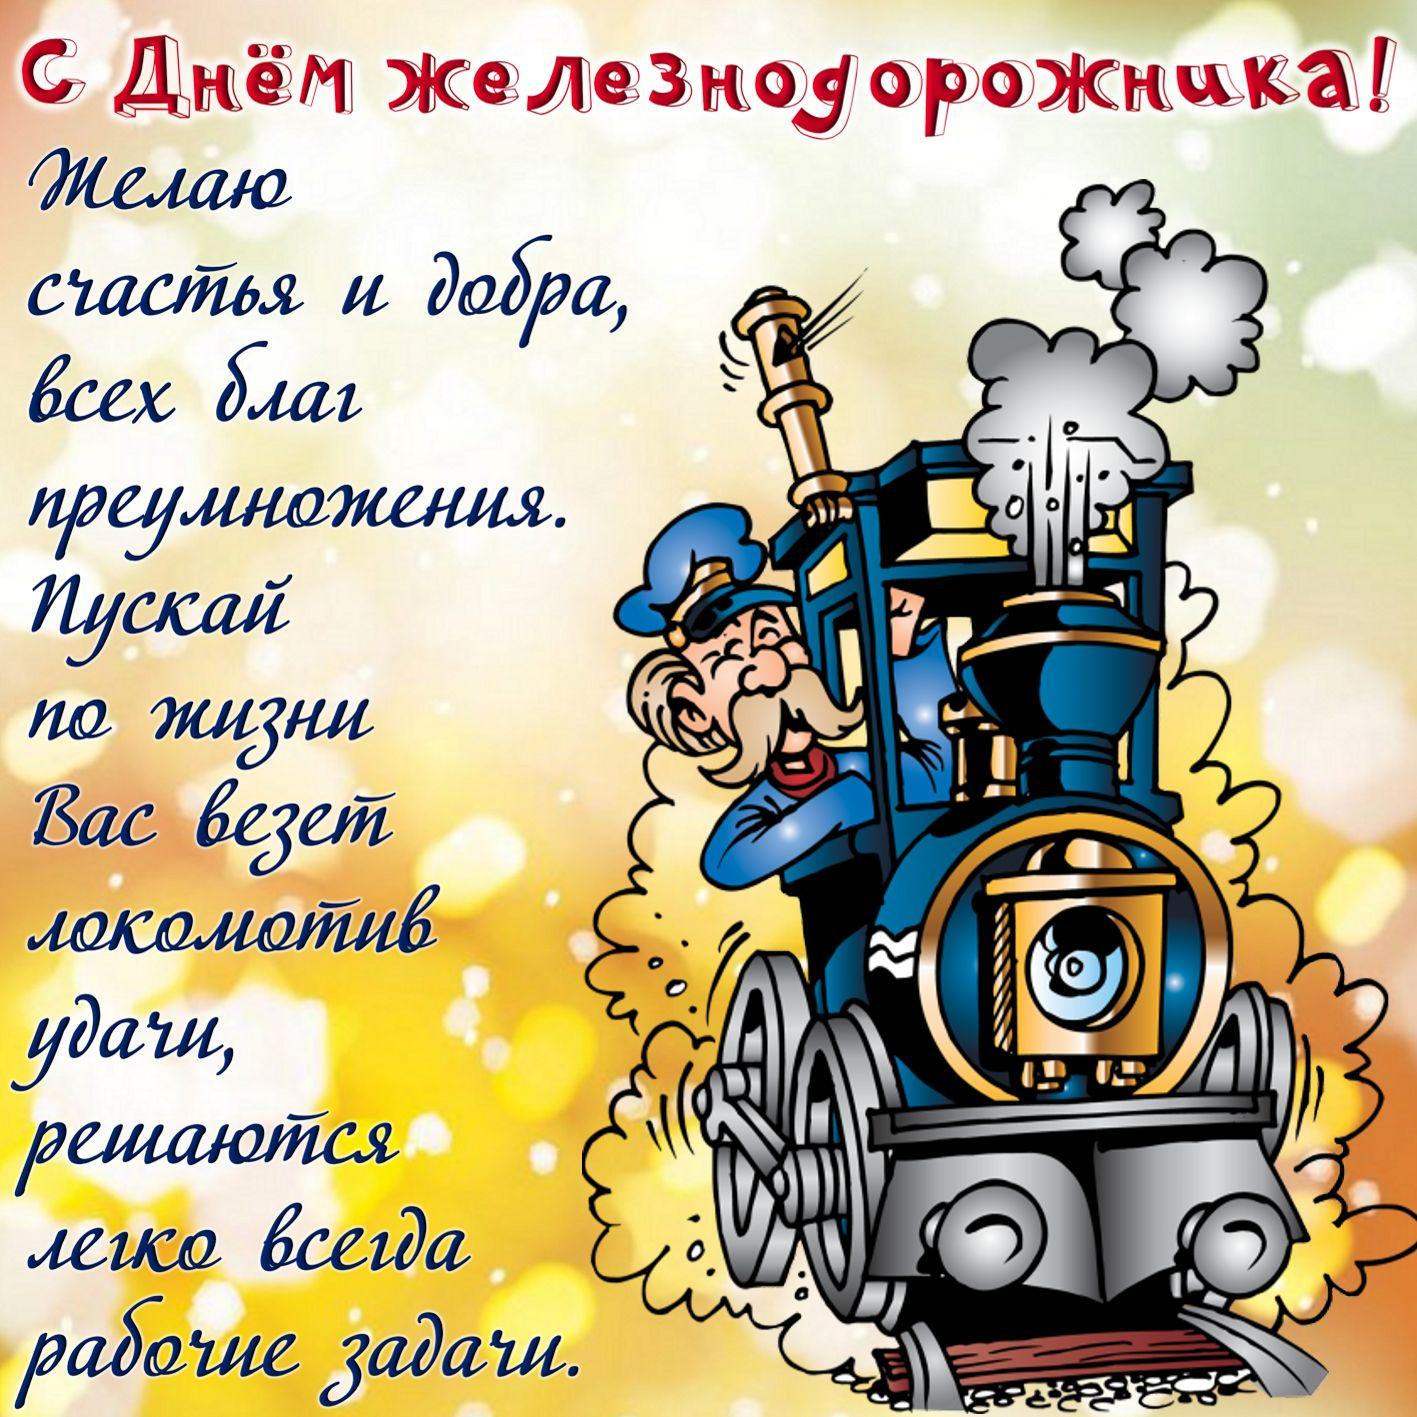 Поздравления сына с днем железнодорожника фото 544